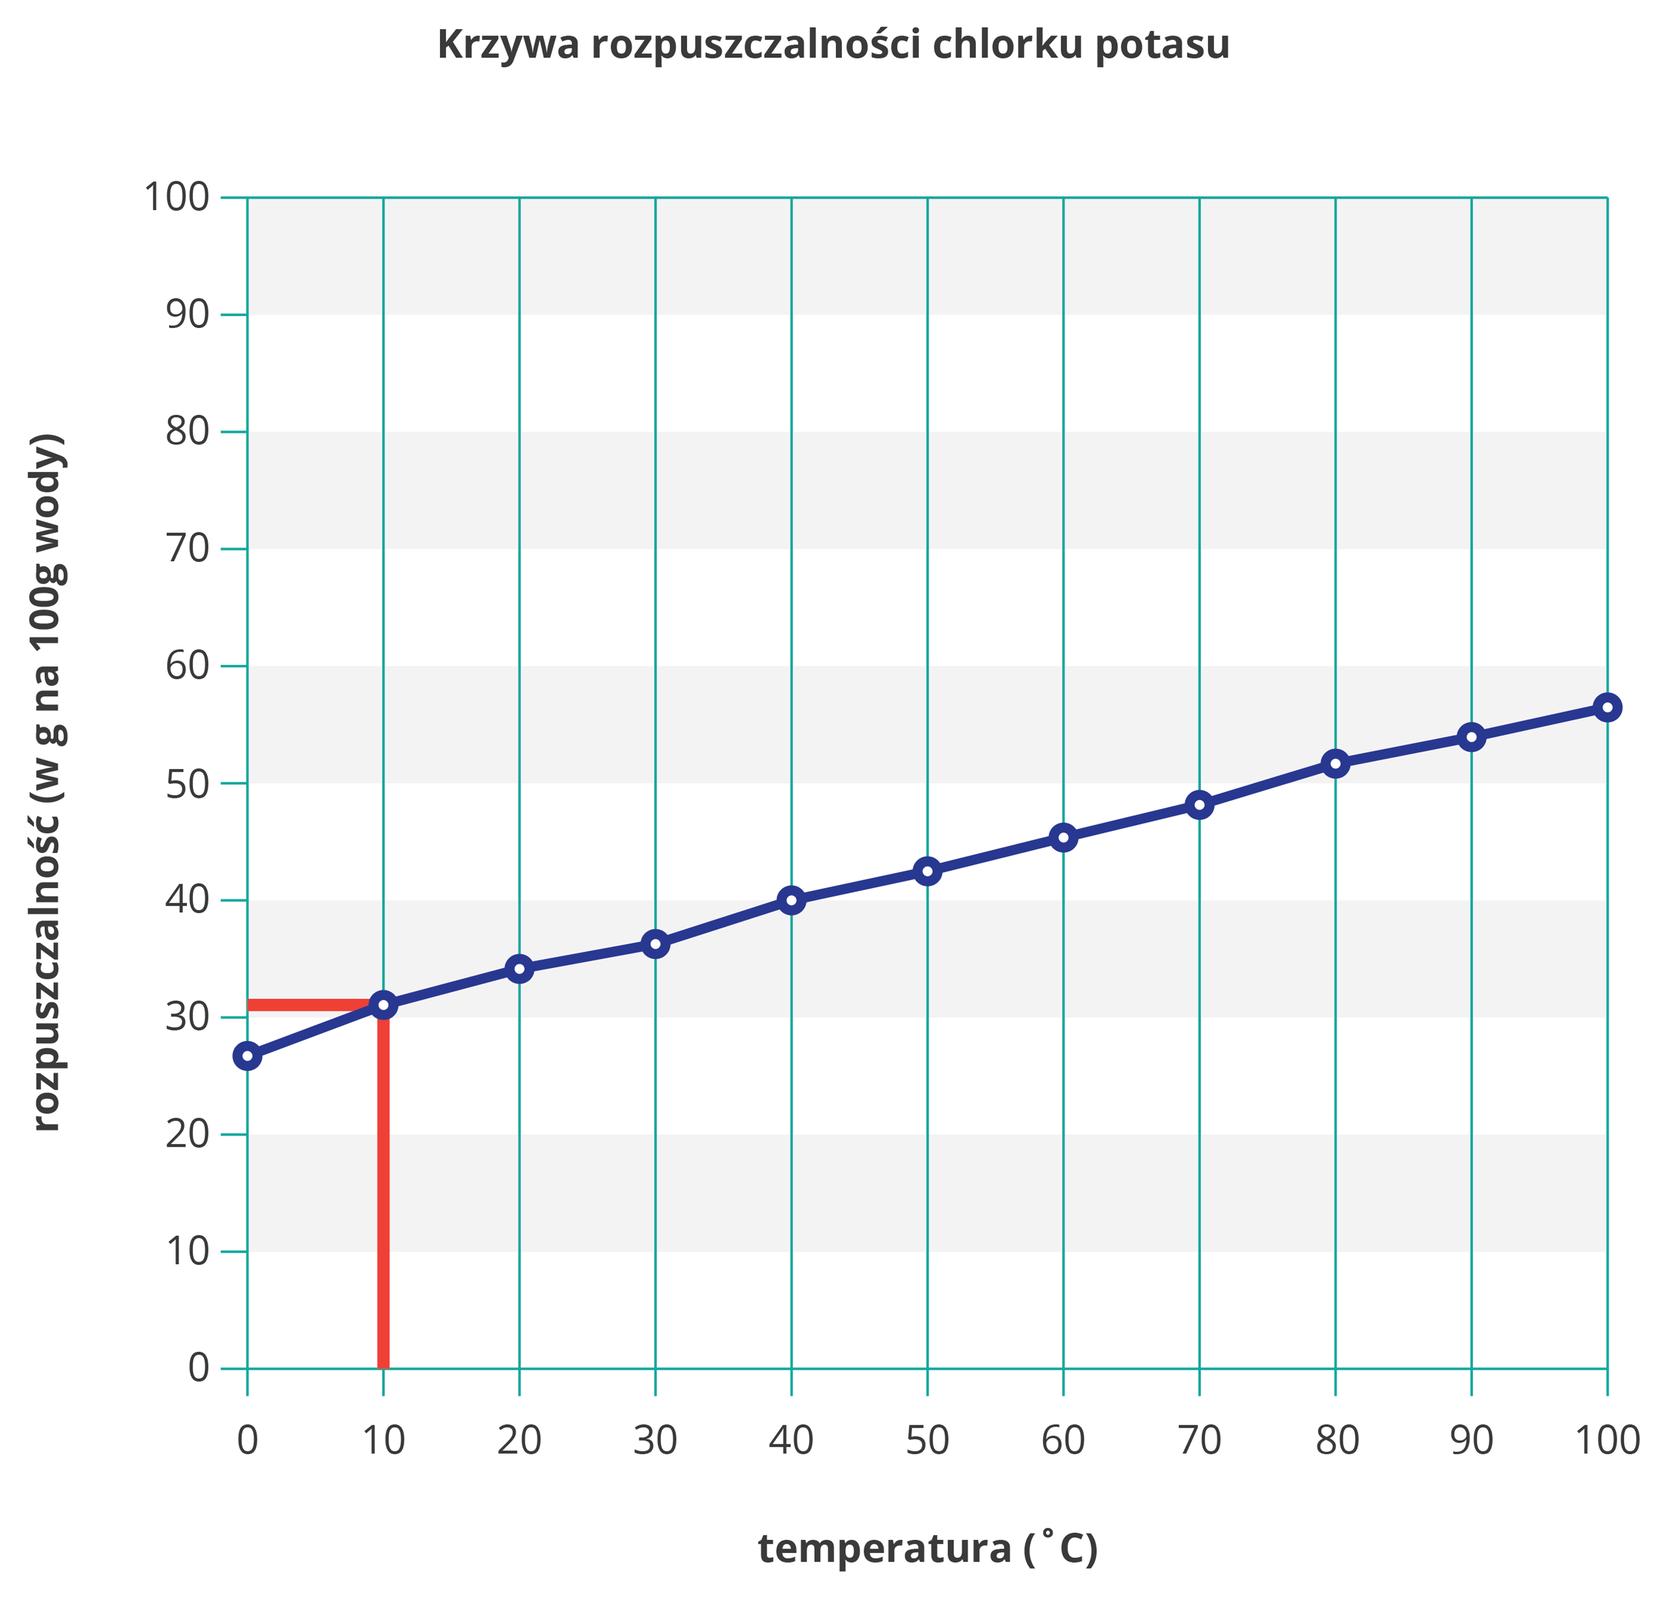 Ilustracja przedstawia wykres krzywej rozpuszczalności chlorku potasu wwodzie zwyróżnionym za pomocą za pomocą dwóch czerwonych kresek, pionowej ipoziomej, rozpuszczalności dla dziesięciu stopni Celsjusza. Sama krzywa rozpoczyna się wwartości około dwudziestu siedmiu gramów na sto gramów wody dla temperatury zero stopni Celsjusza, akończy na około pięćdziesięciu sześciu gramach na sto gramów wody przy stu stopniach Celsjusza. Przyrost jest wprzybliżeniu jednostajny.